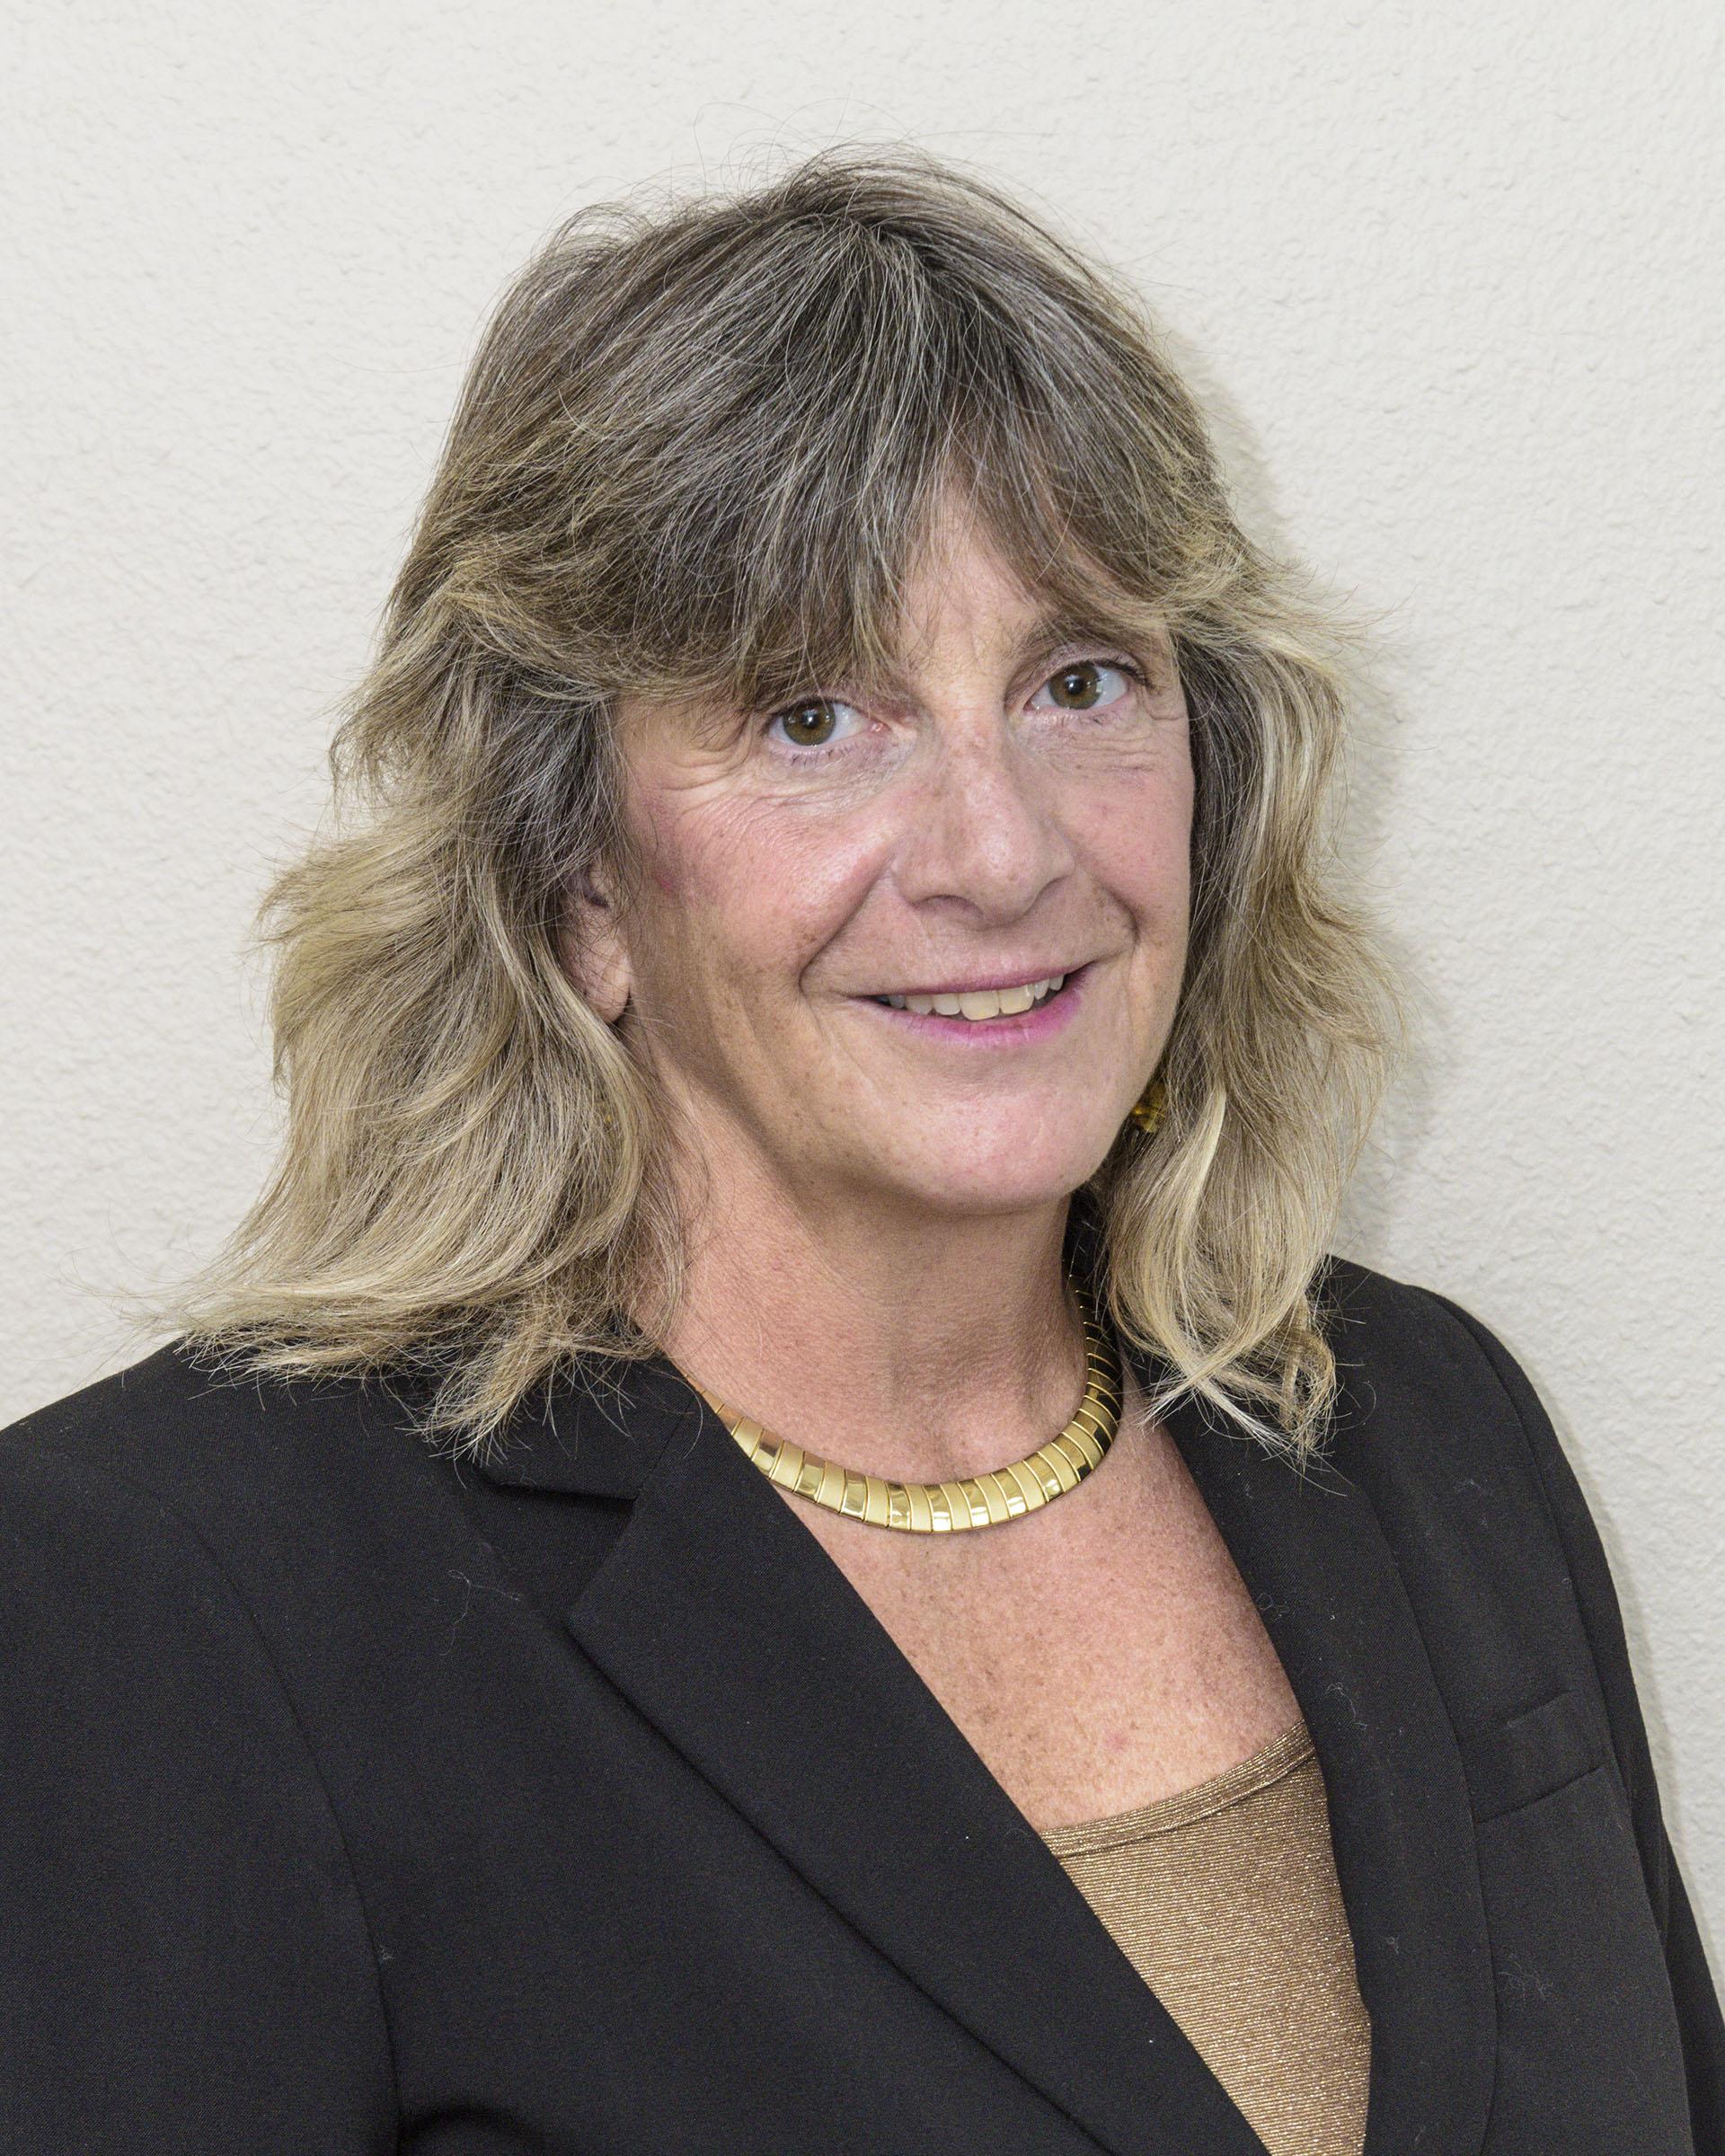 Lynne Fandetti